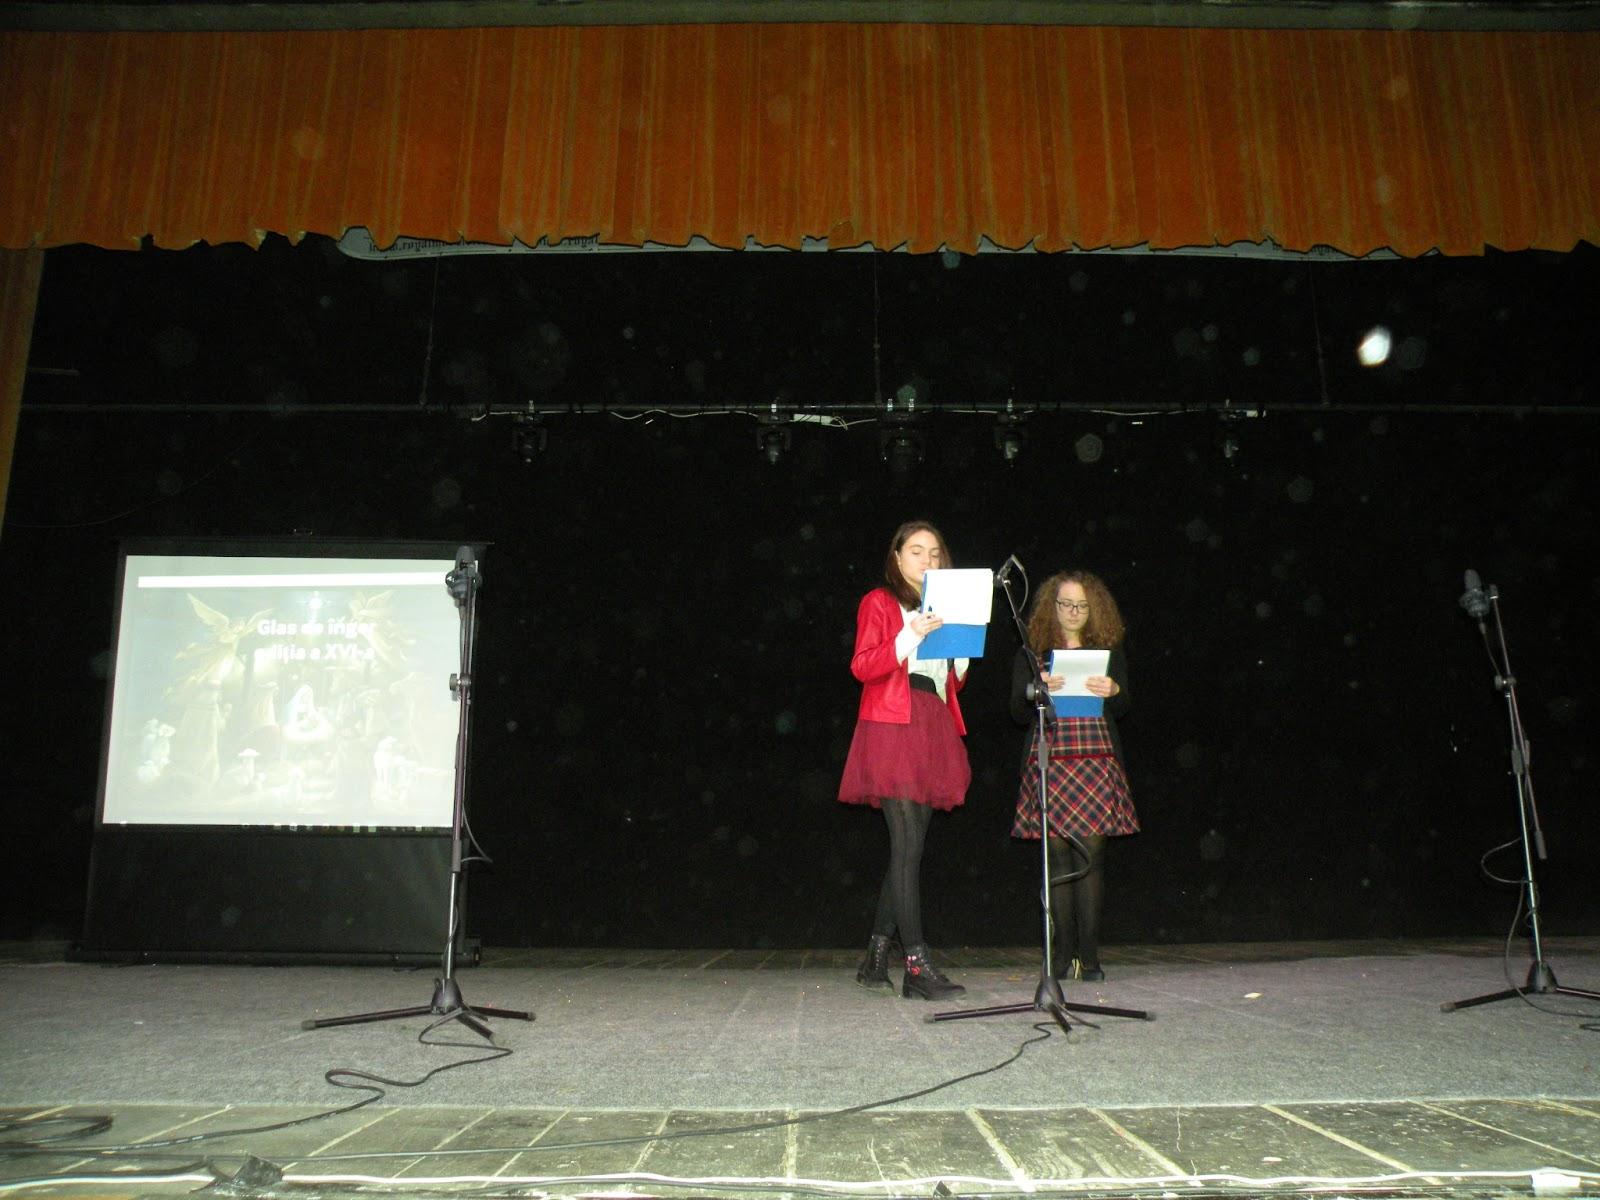 image Gaitan elena alina liceul carol 1 constanta